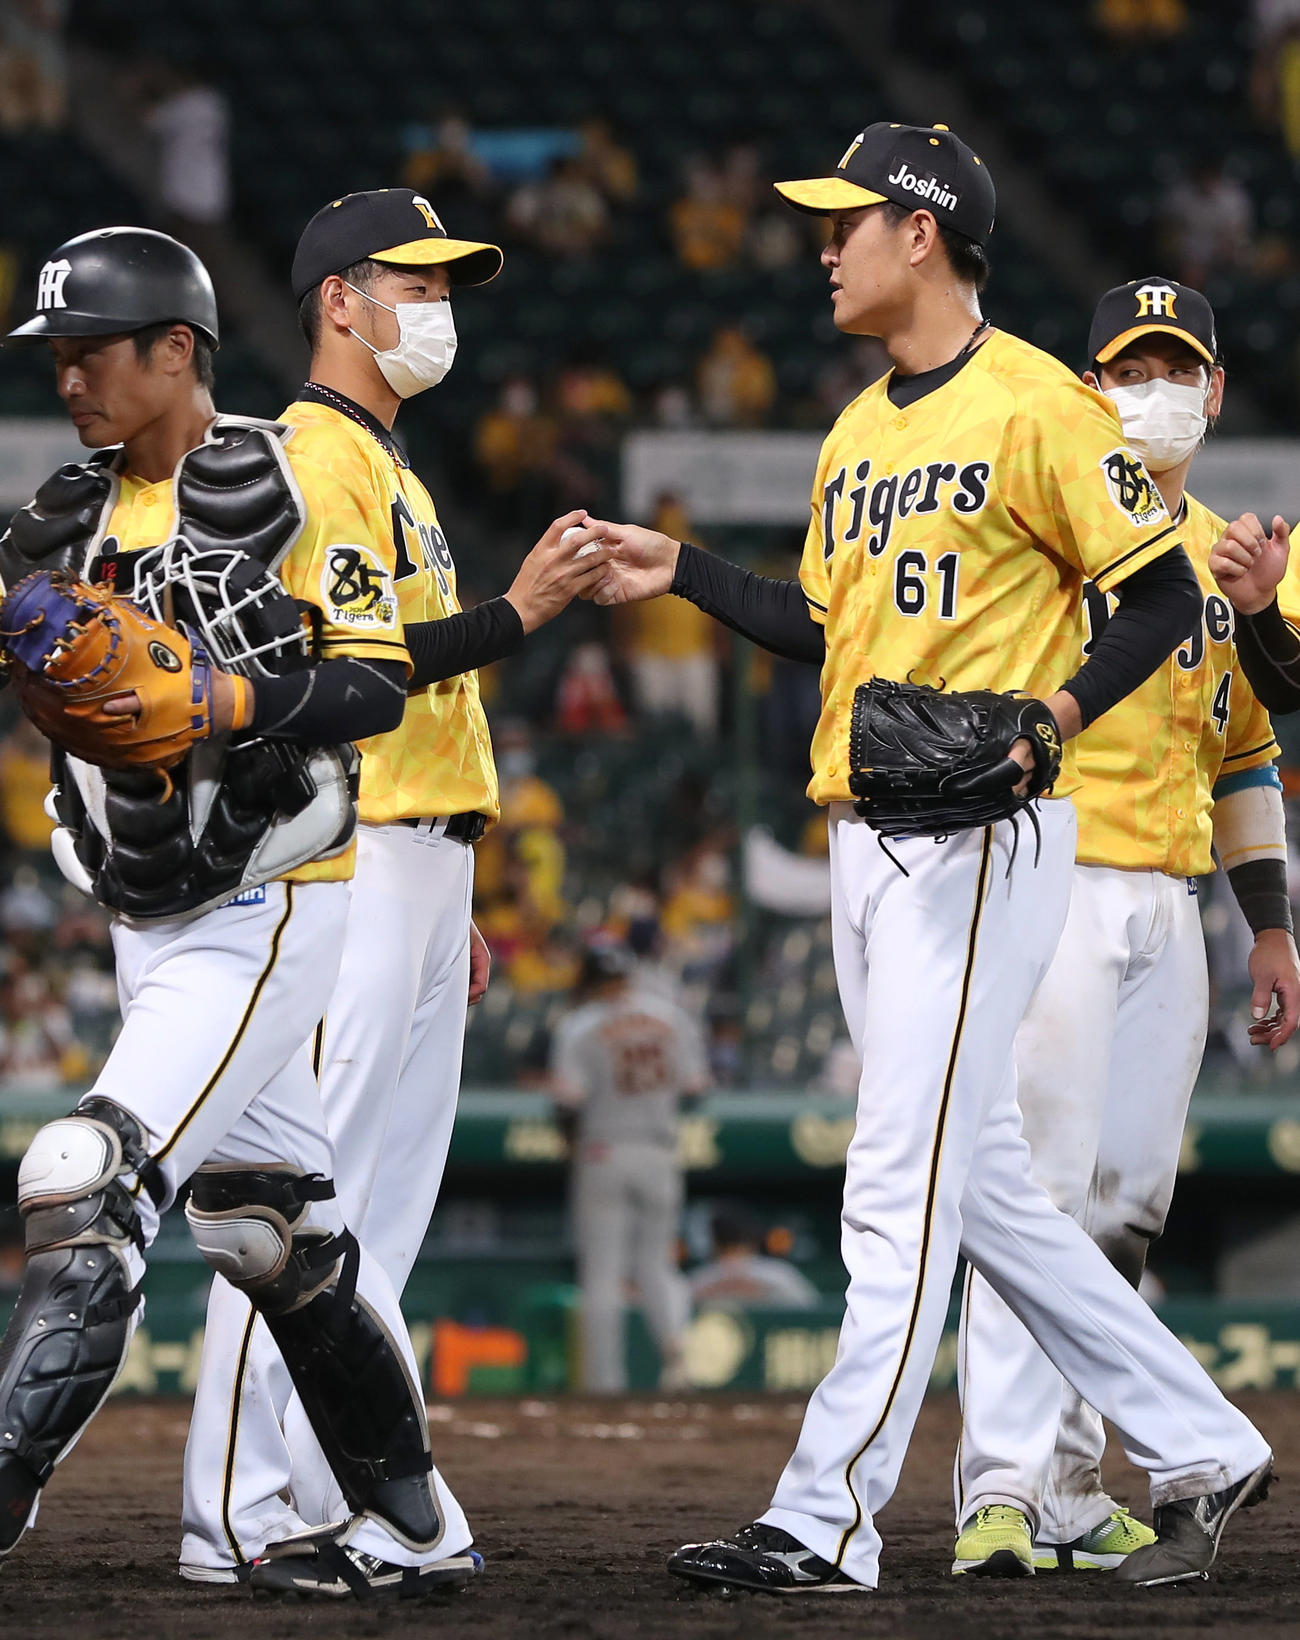 阪神対巨人 巨人に勝利し、望月(右から2人目)から勝利球を受け取る高橋(撮影・前田充)